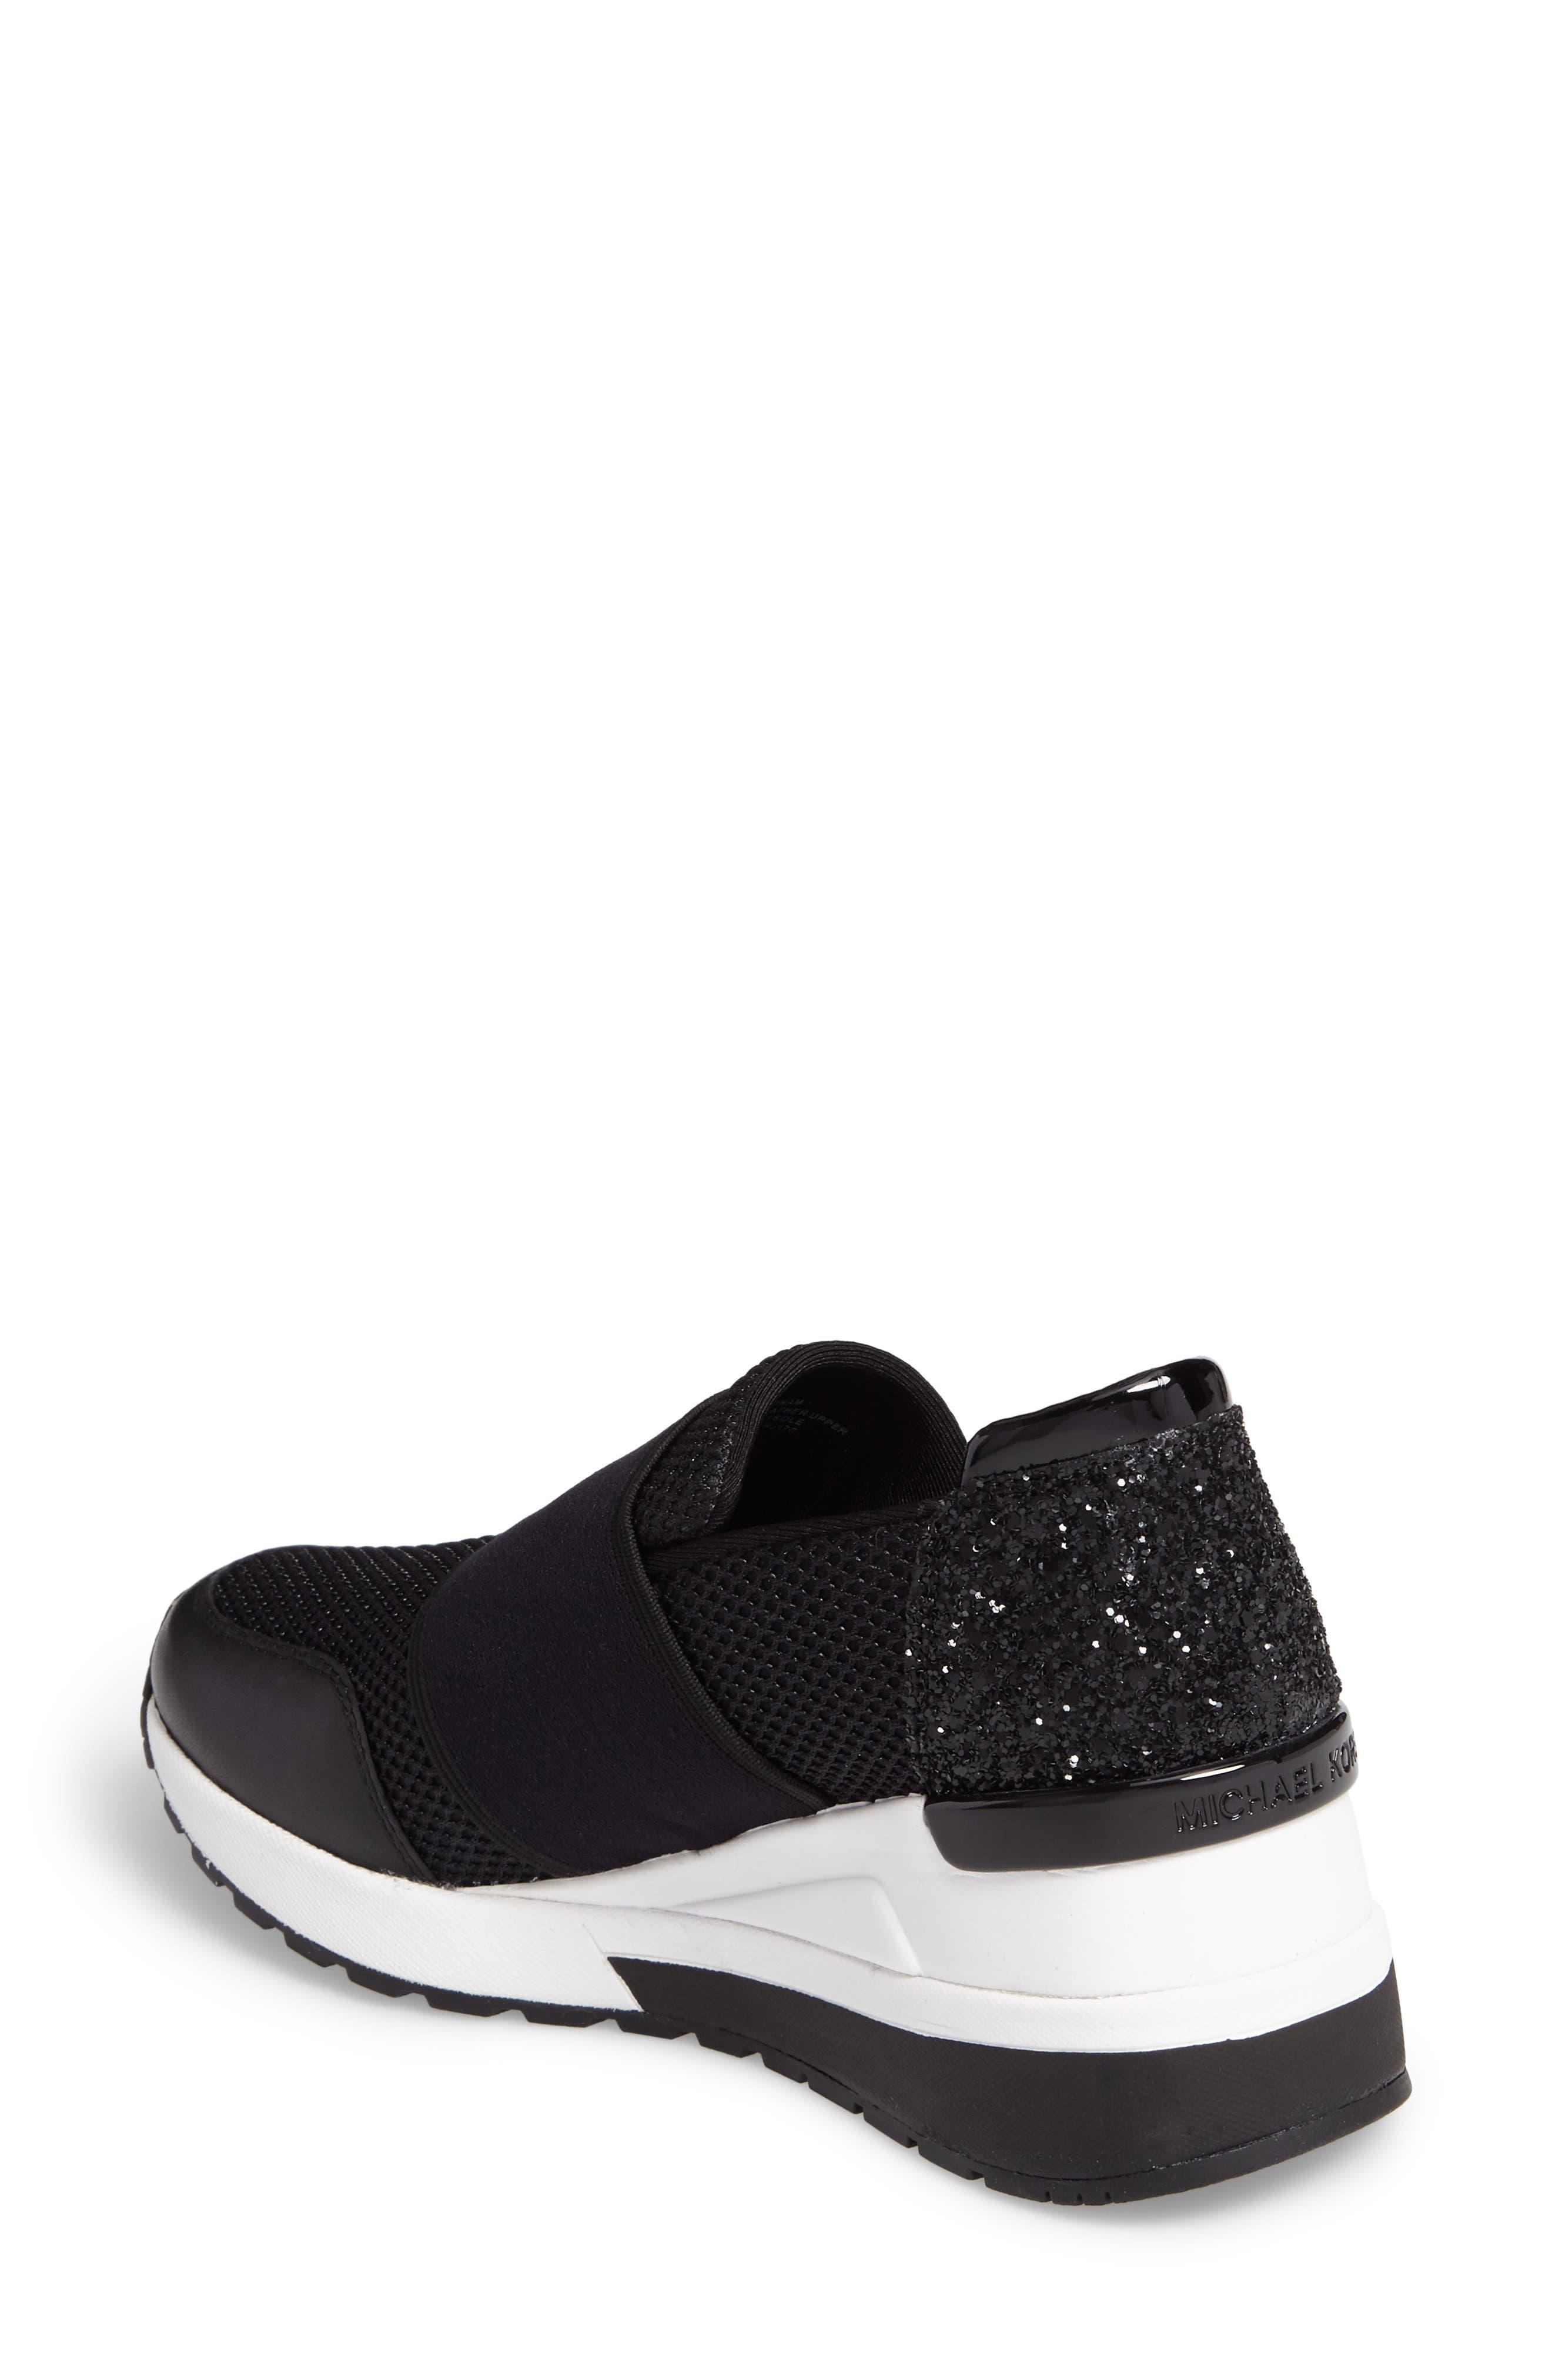 Alternate Image 2  - MICHAEL Michael Kors Felix Slip-On Glitter Sneaker (Women)